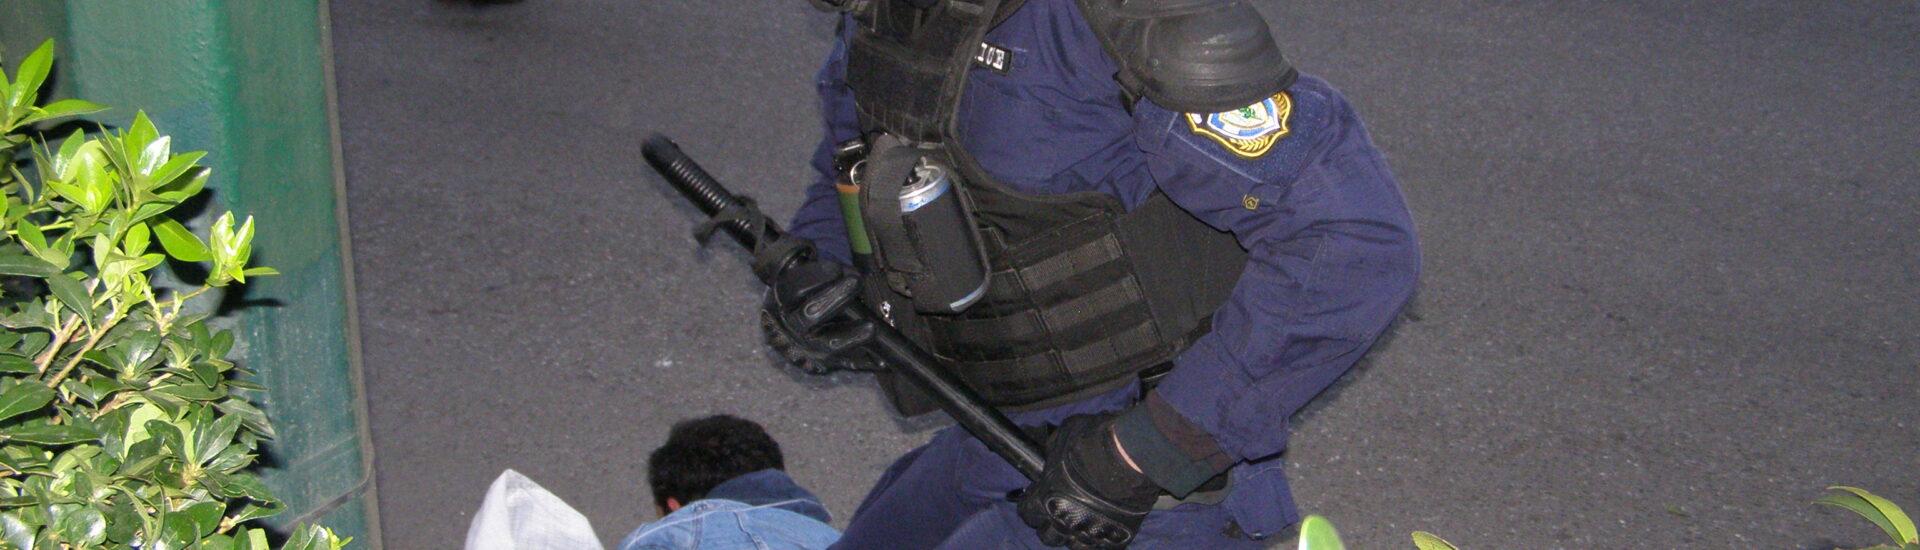 Πανεπιστημιακή Αστυνομία με Επαγγελματίες Στρατιώτες και μέλη των Ειδικών Δυνάμεων